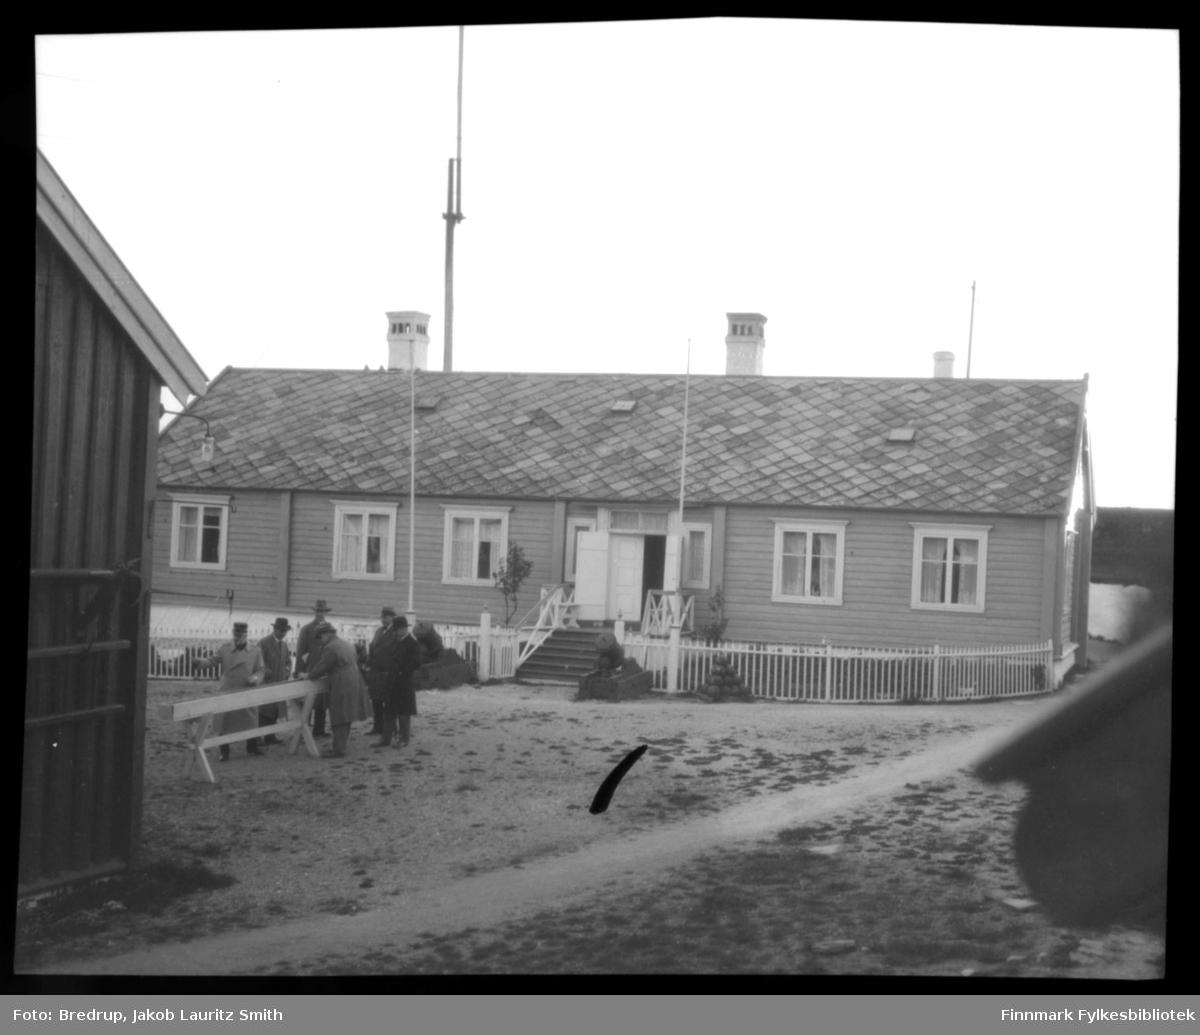 Kommandantboligen på Vardøhus festning.  I fronten pyntekanoner, og Vardøs berømte tre, rogna på festningen.  Seks menn, hvorav en i uniform, ser på kongestokken, som ligger i en egen kasse.